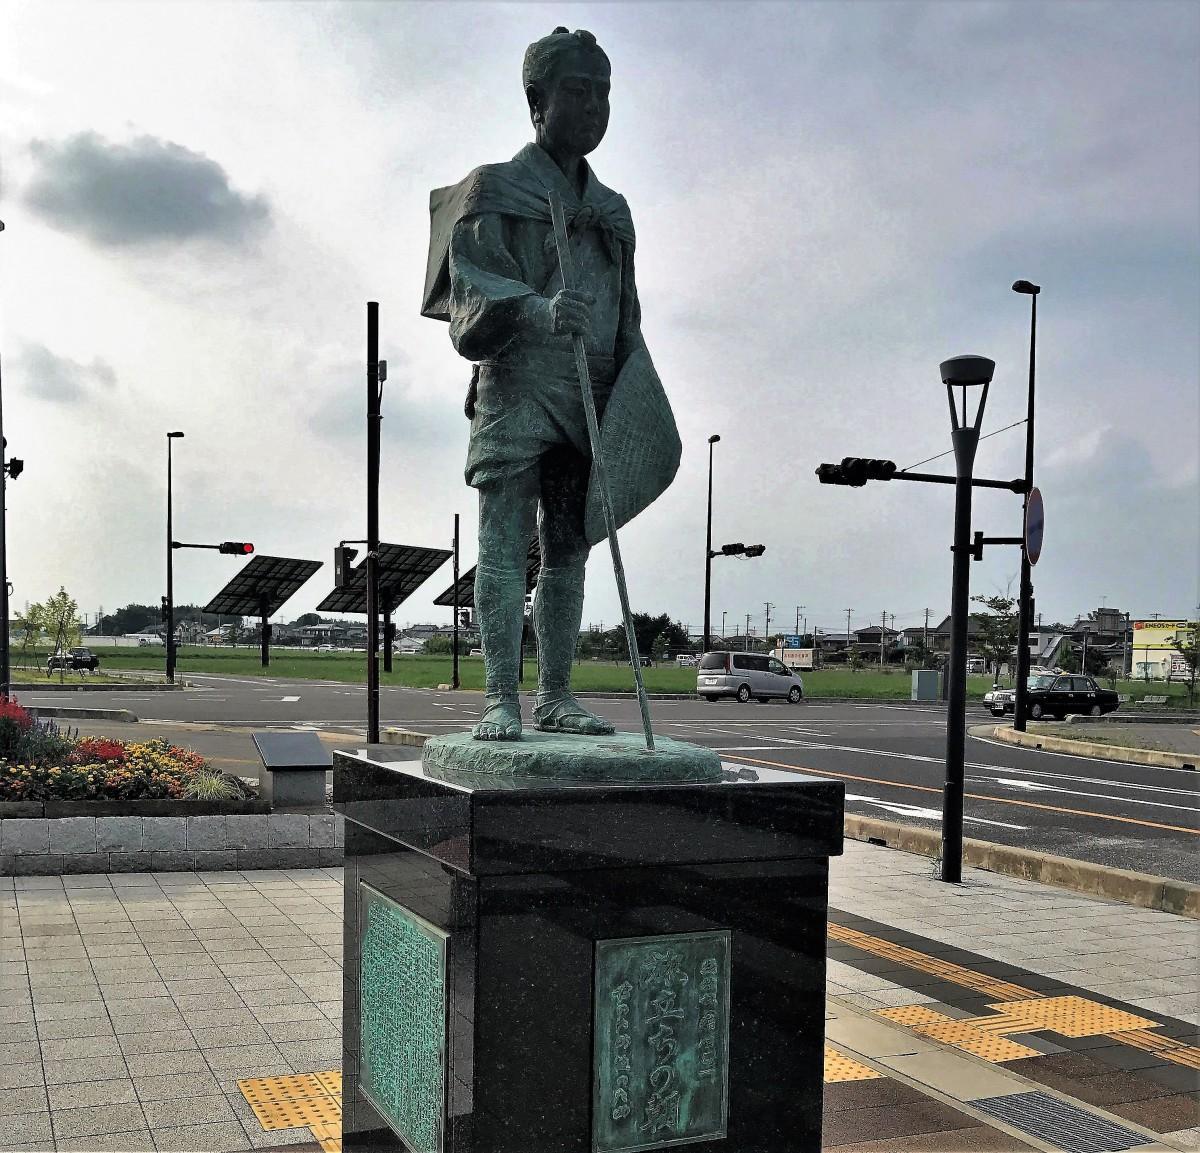 江戸へ旅立つ15歳・塙保己一少年の像(JR上越新幹線・本庄早稲田駅前)